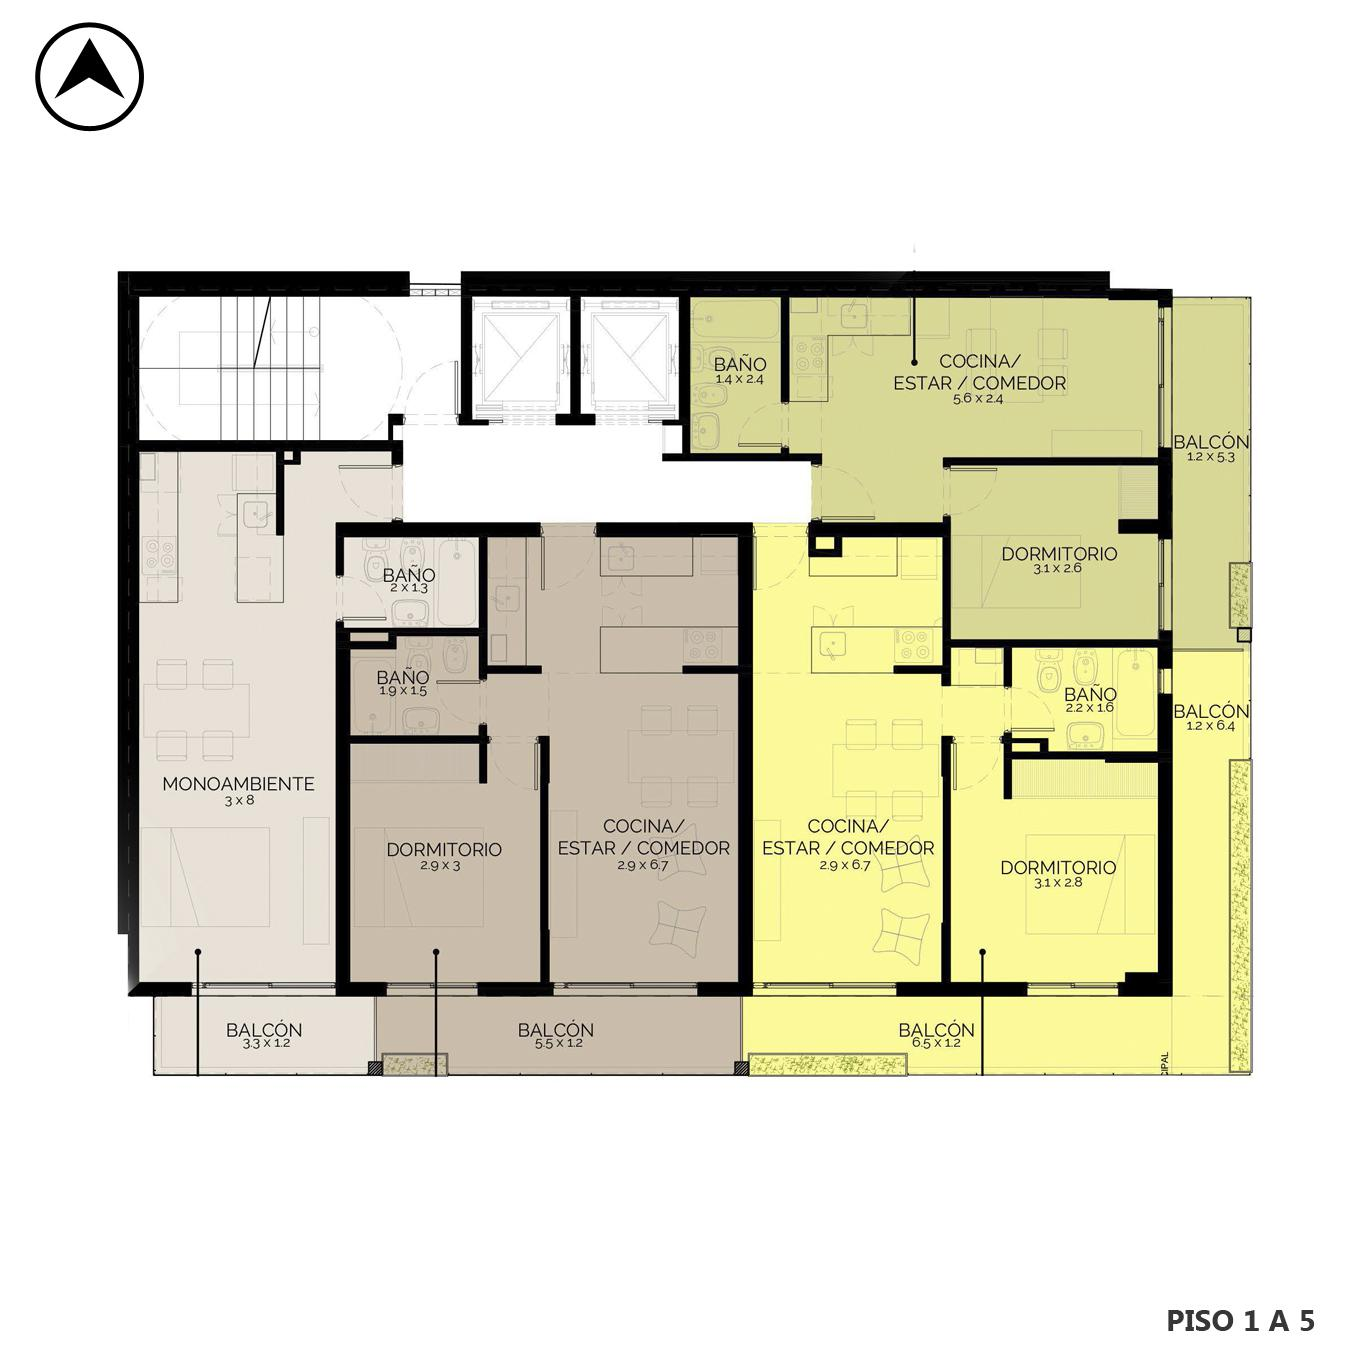 Venta departamento 1 dormitorio Rosario, República De La Sexta. Cod CBU24834 AP2313953. Crestale Propiedades